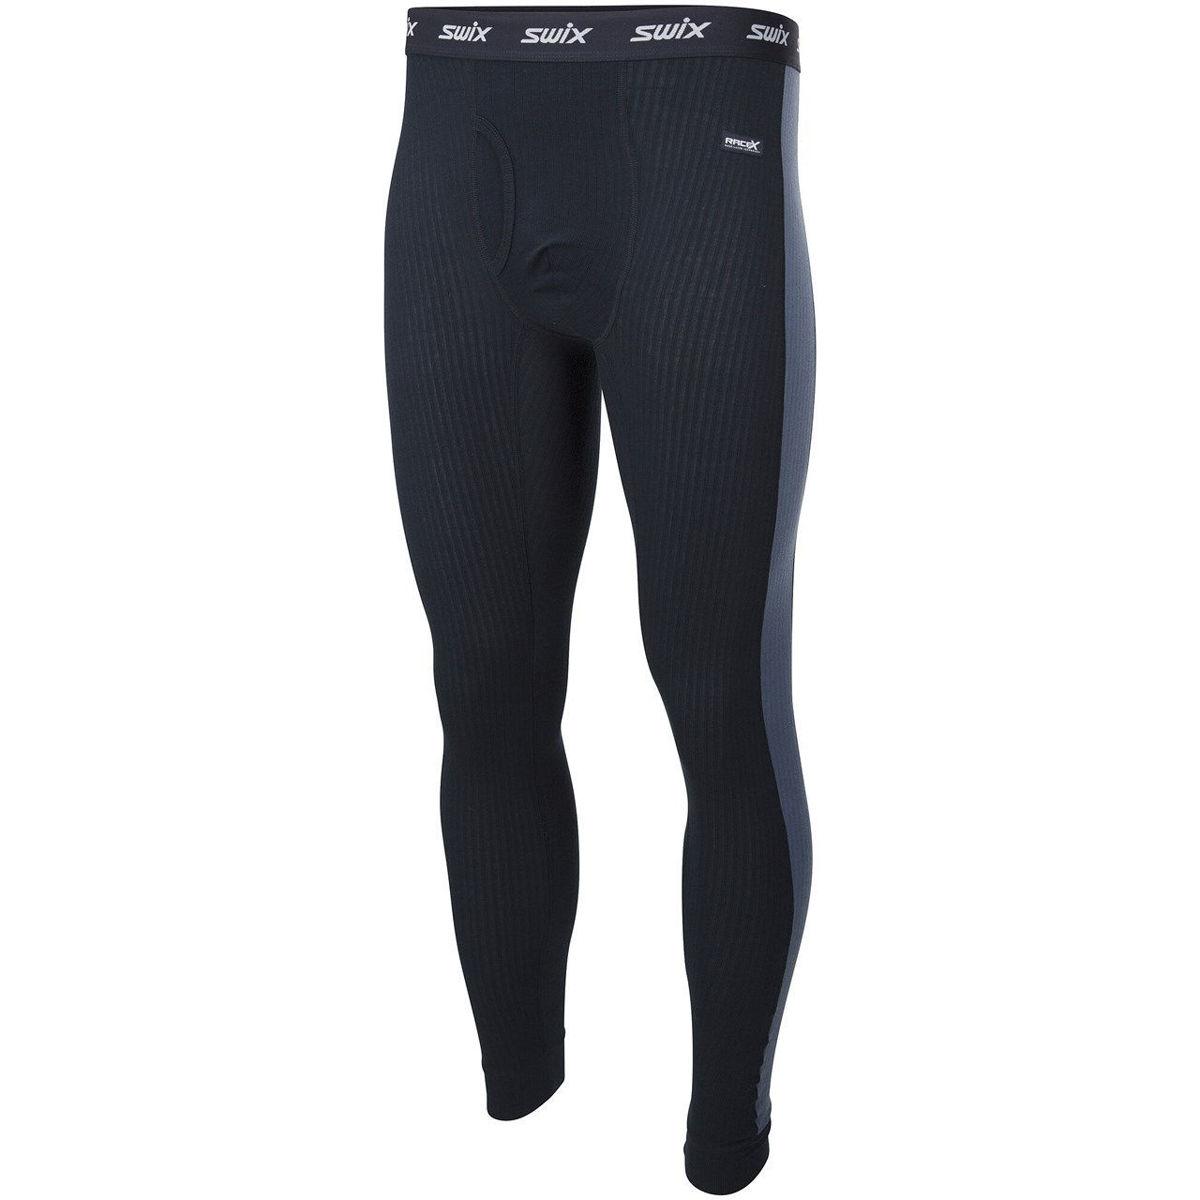 Bilde av RaceX bodyw pants M